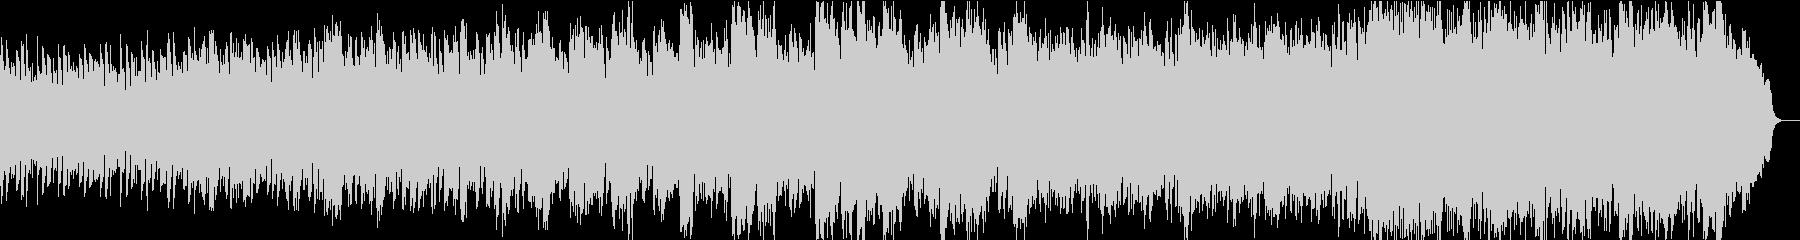 優しさに包まれる感動ピアノ4高音弦抜きの未再生の波形